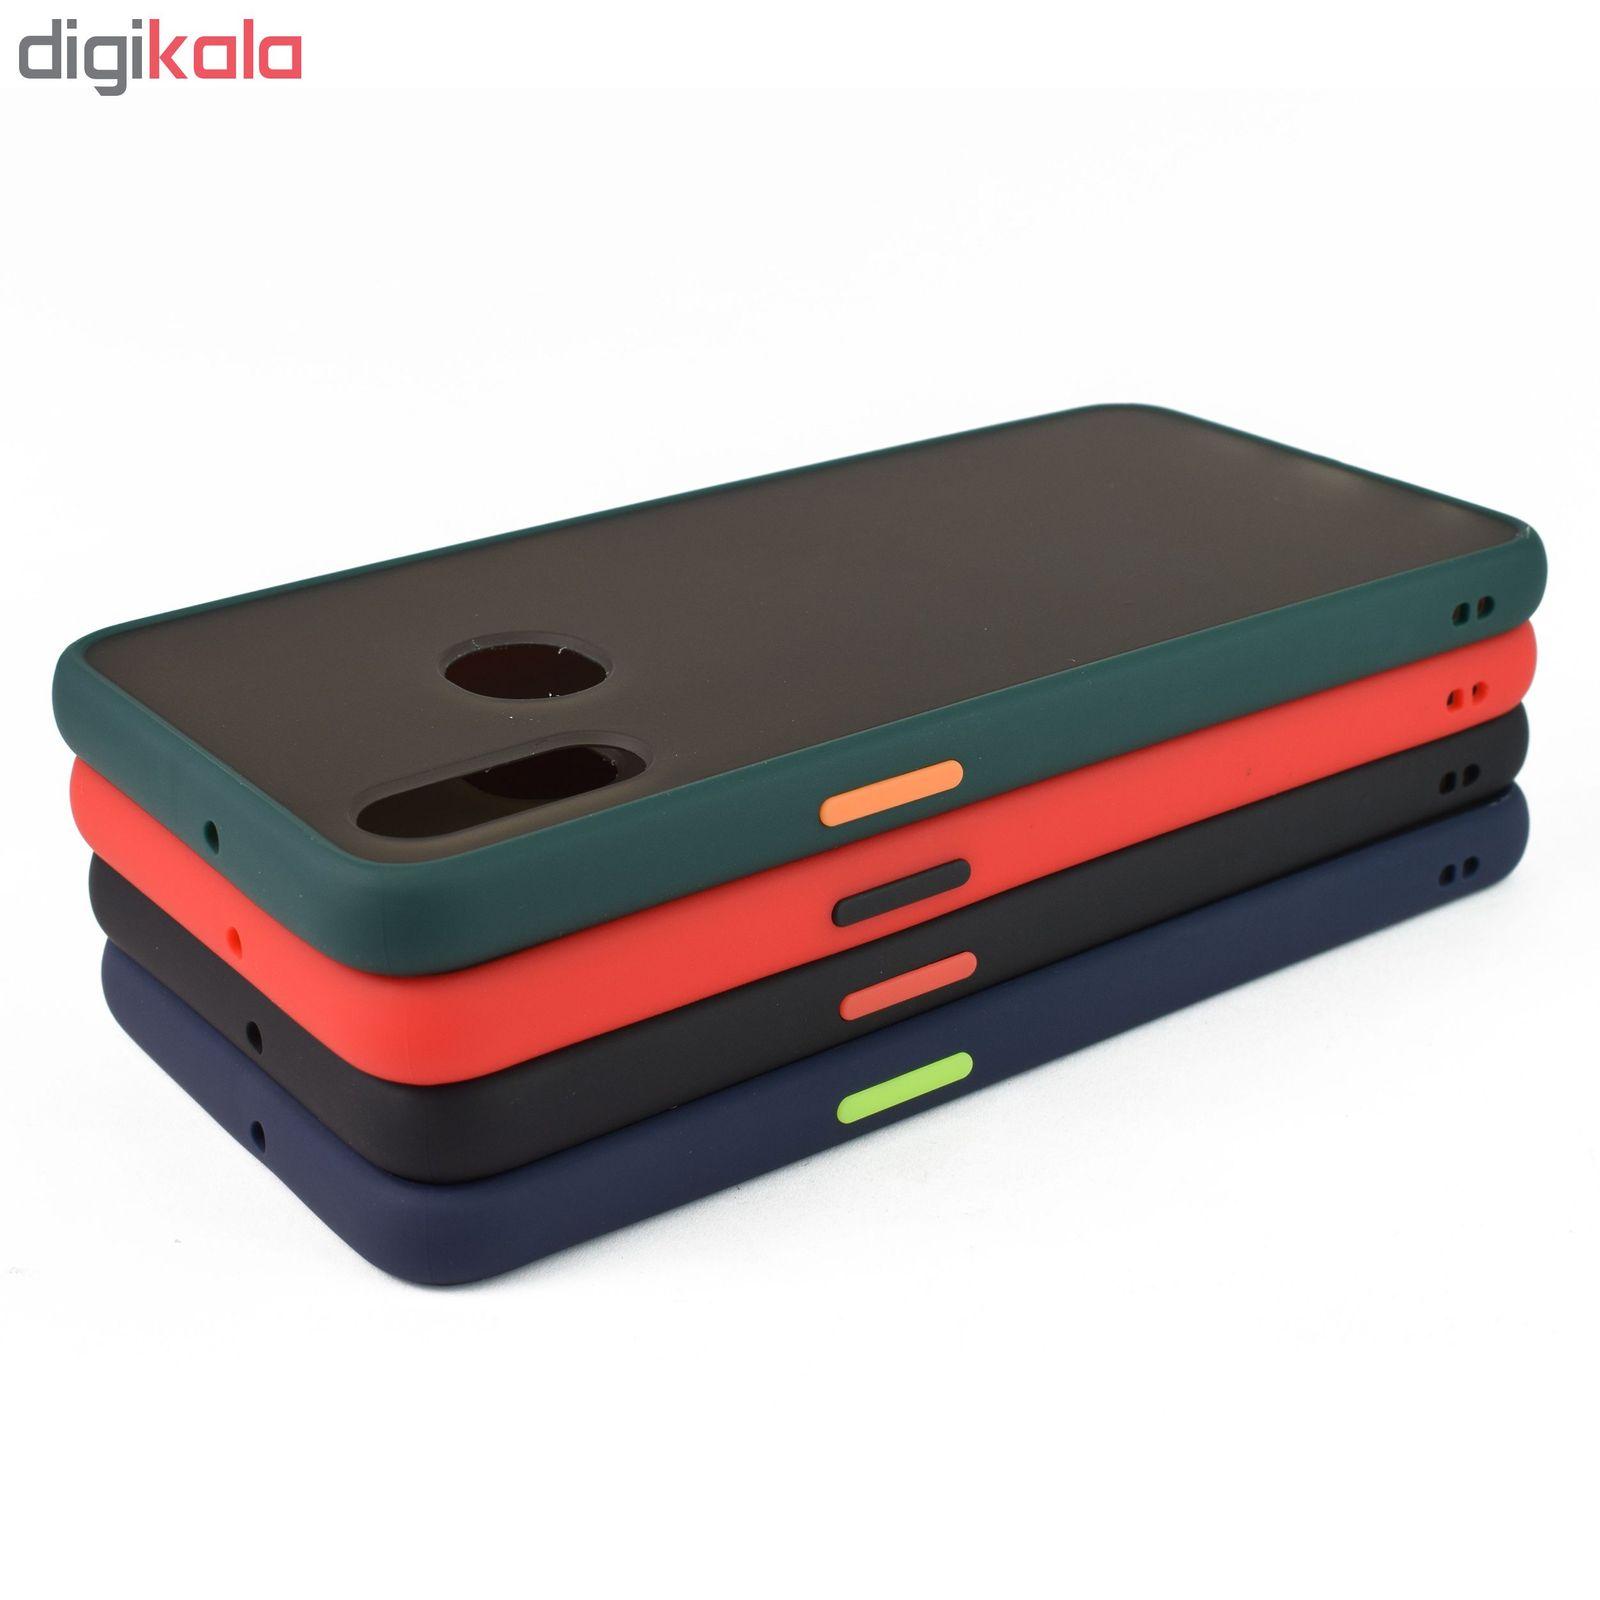 کاور مدل Slico01 مناسب برای گوشی موبایل سامسونگ Galaxy A10S main 1 2